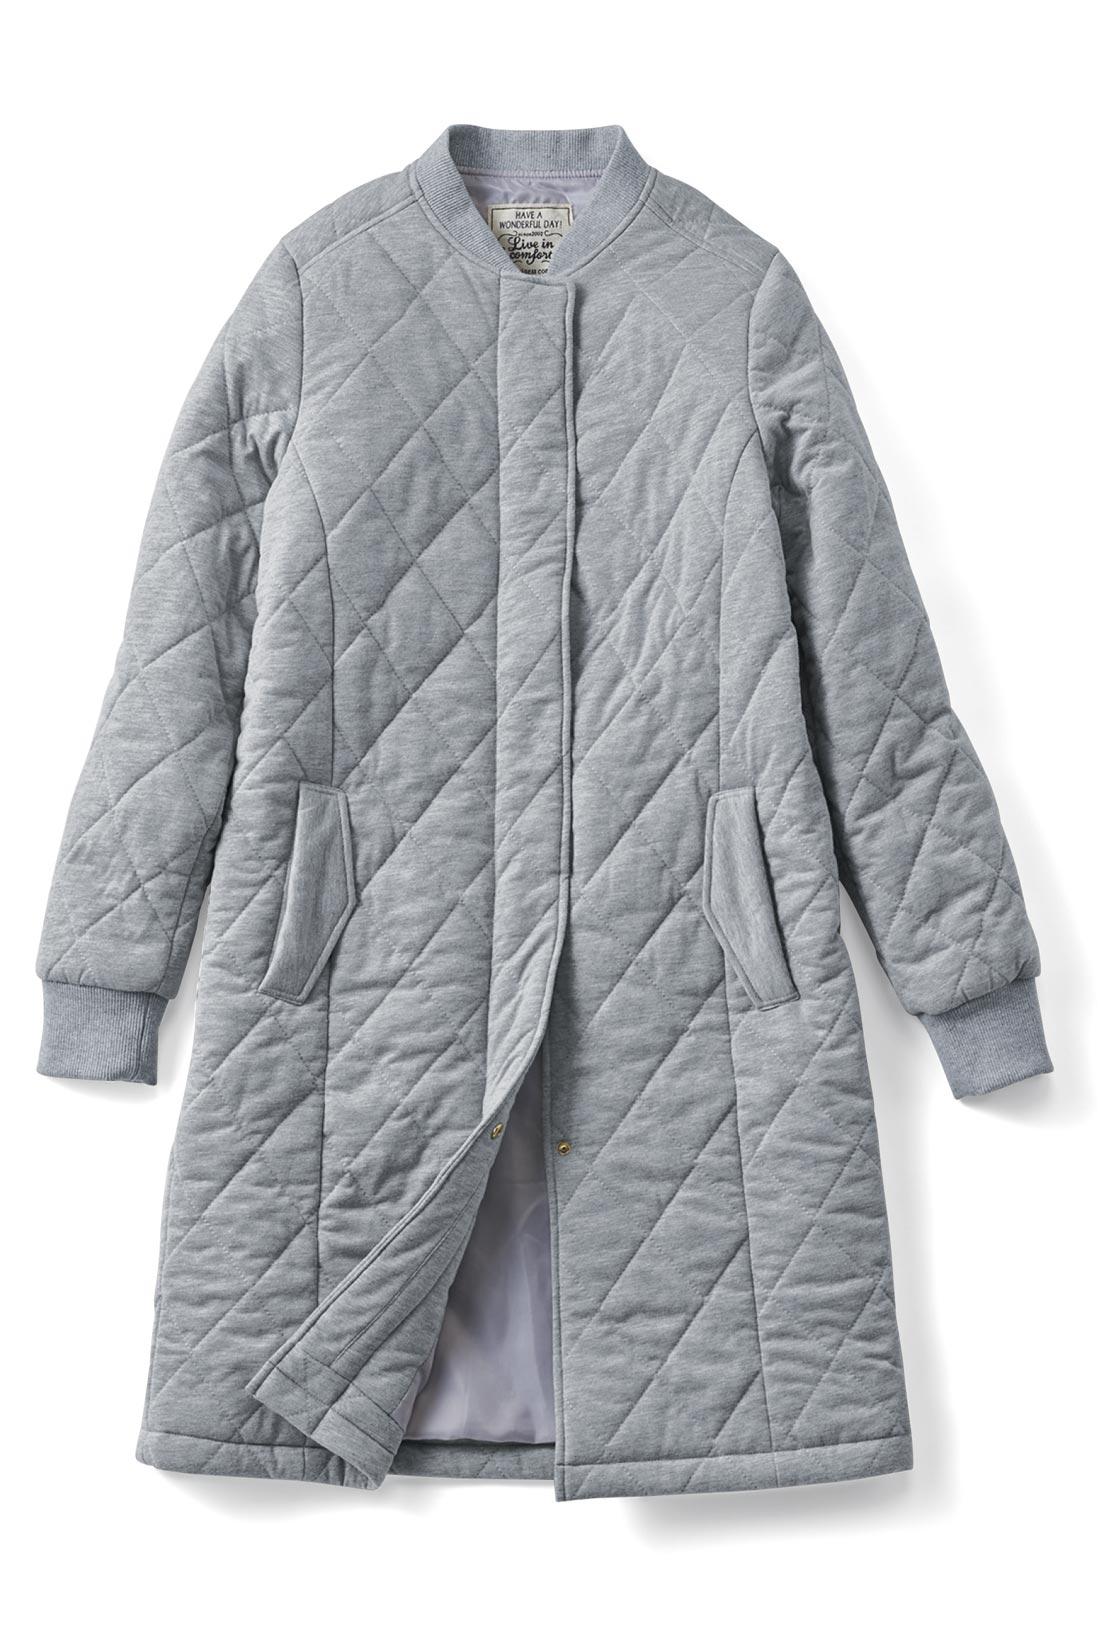 やさしげな印象の【杢グレー】身ごろの縦ラインの切り替えでスッキリ見せがかないます。袖口は伸びやかフィットのリブ仕様。キュッとプッシュアップして、カッコよく着こなせます。